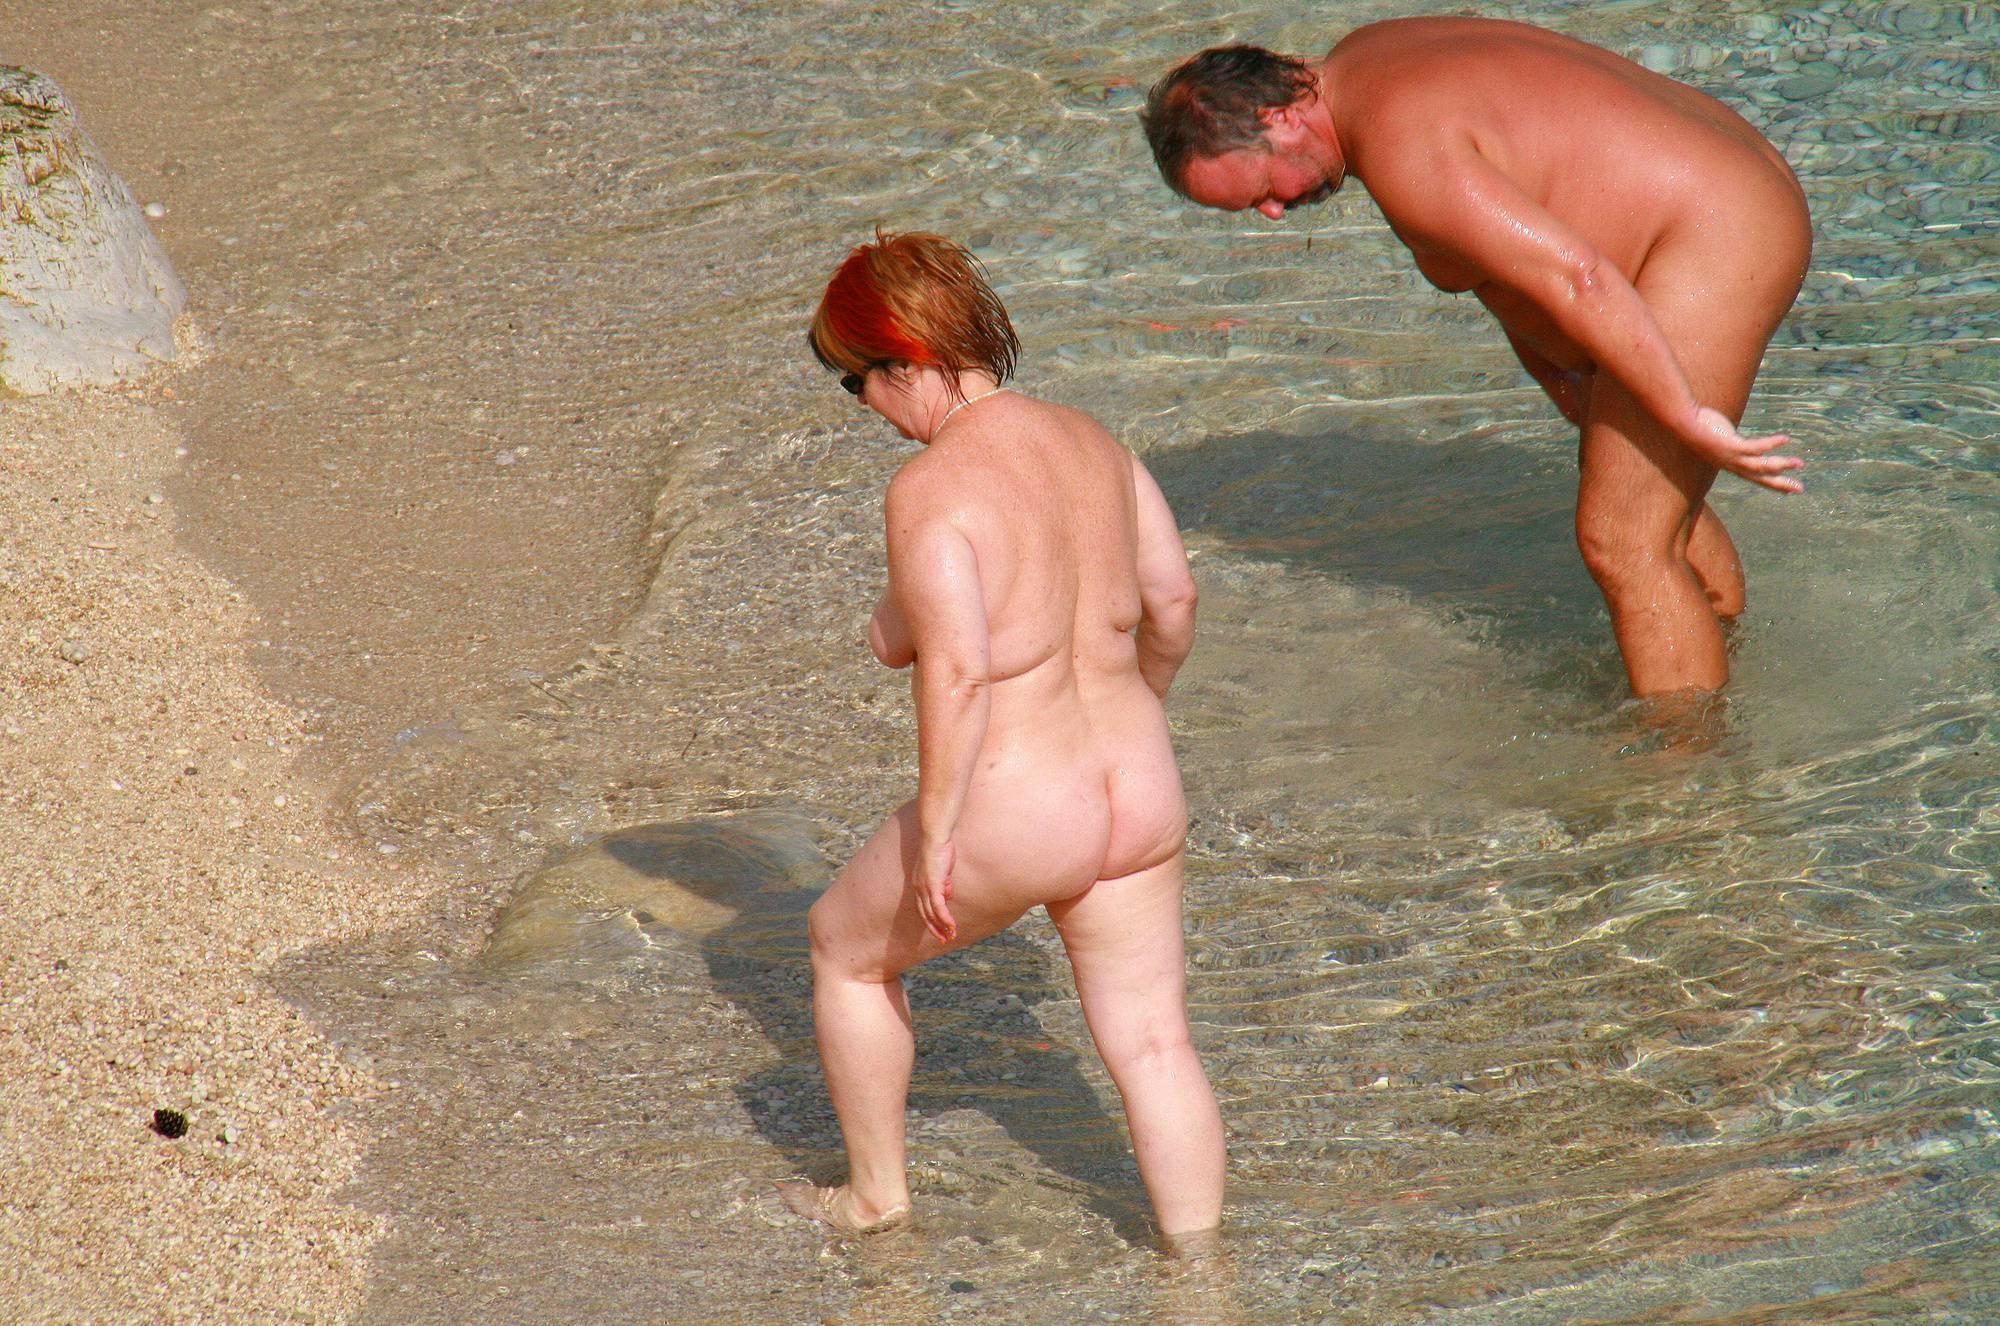 Ula FKK Beach-Front Shore - 3